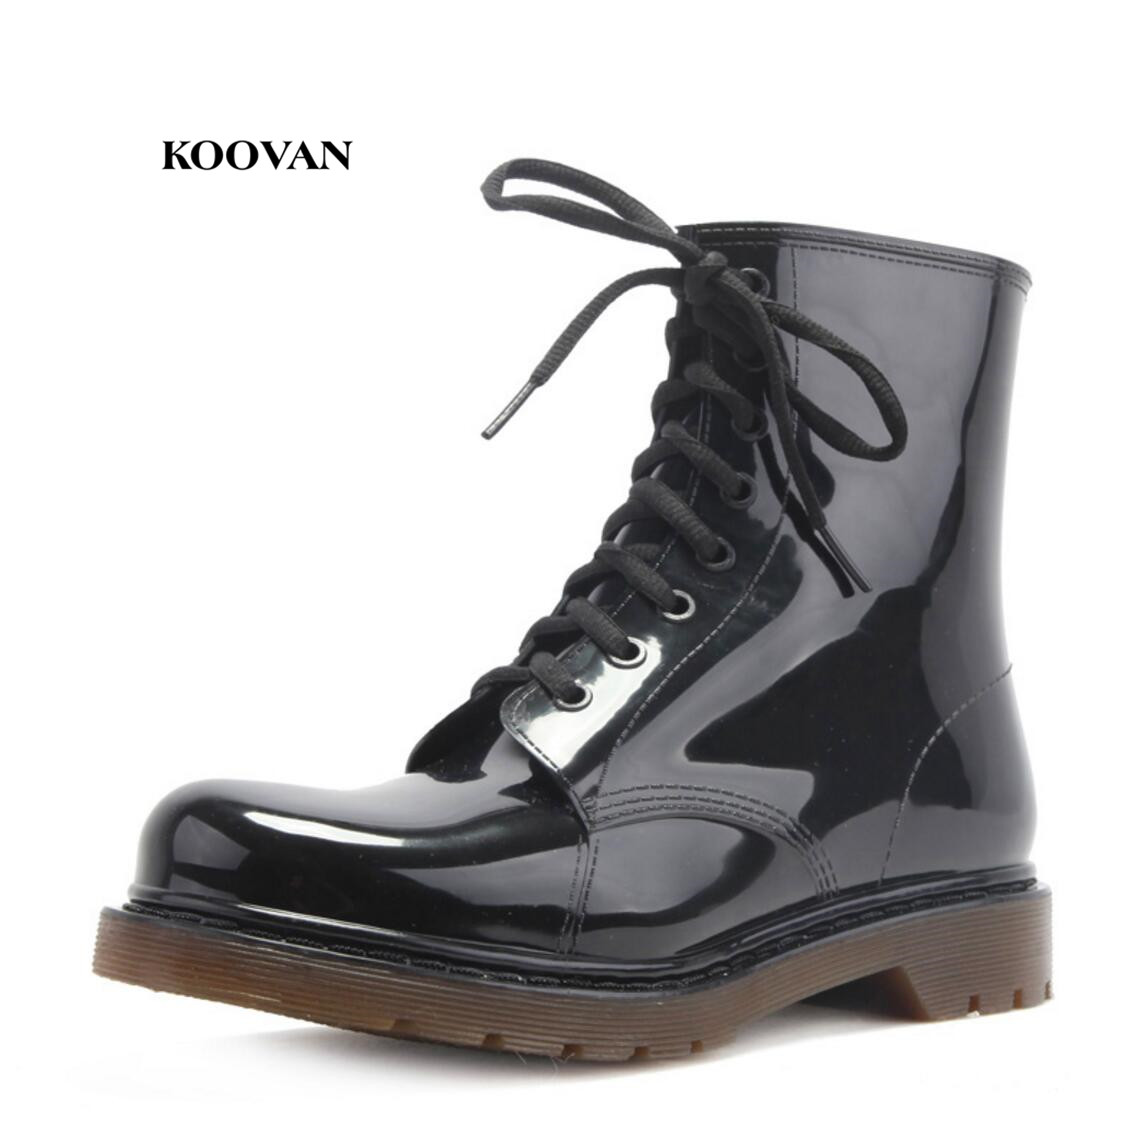 Koovan Man Rain Boots 2018 New Fashion Men Shoes Rainboots Men Black leather Boots Rain Shoes Large Size 39-45